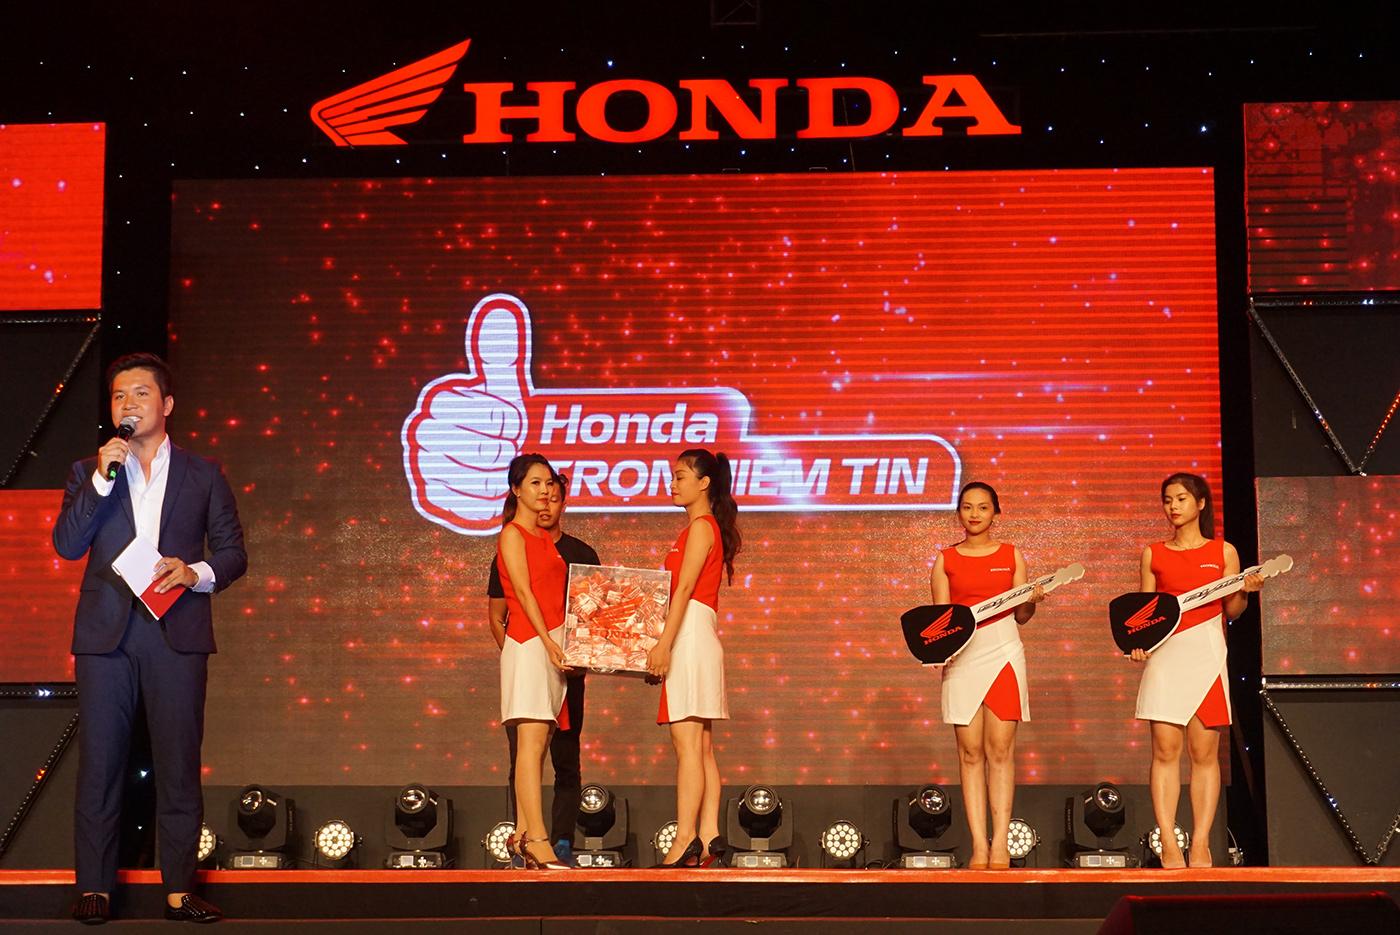 honda-vietnam-01.jpg